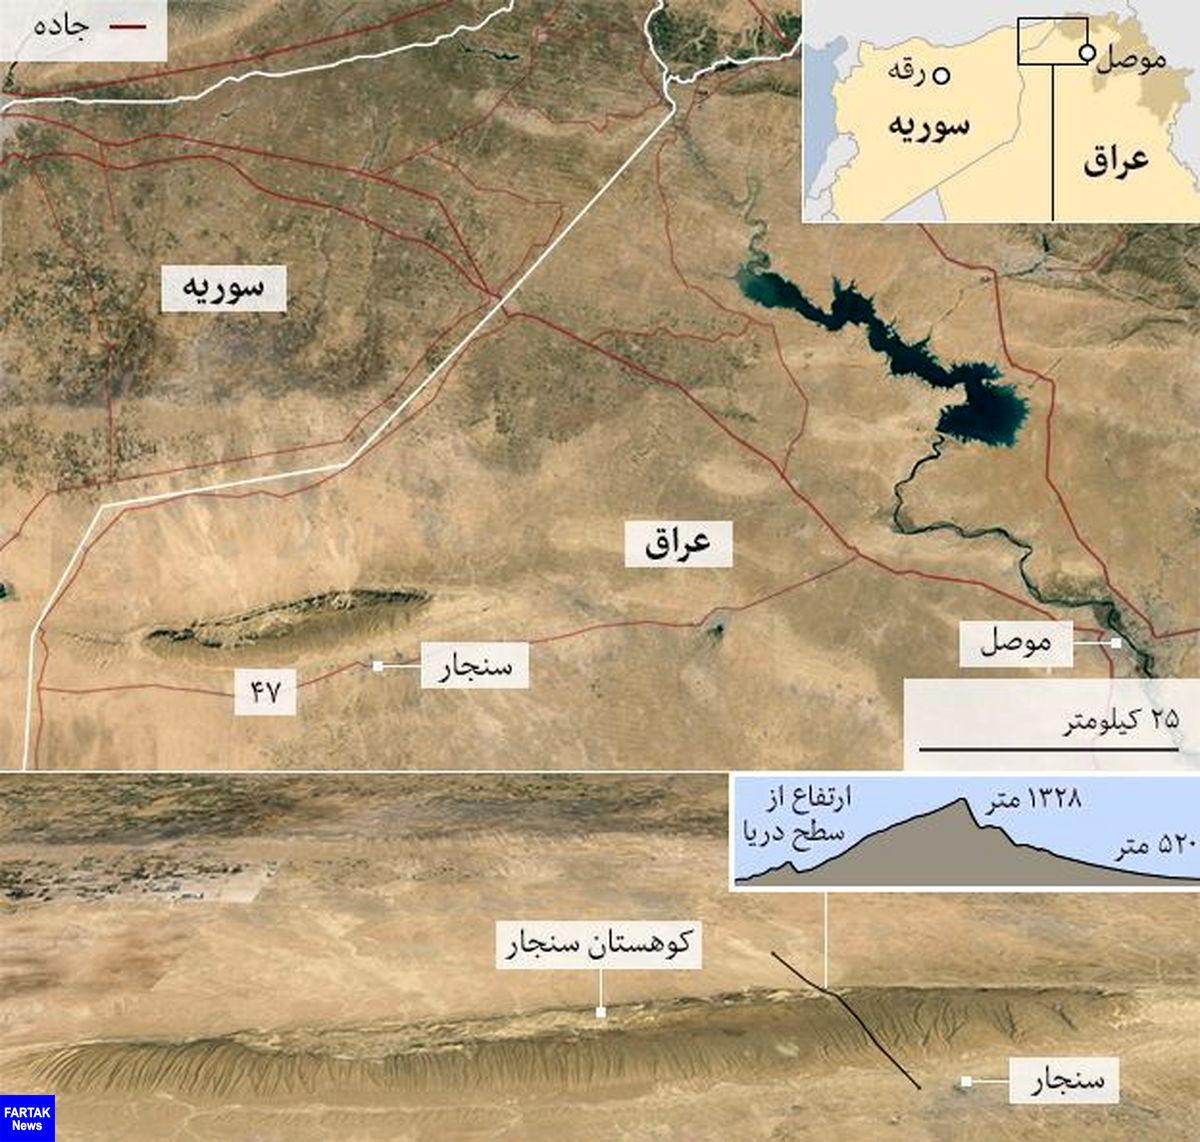 واکنش پ.ک.ک به توافق بغداد و اربیل: ما سنجار را از چنگال داعش آزاد کردیم